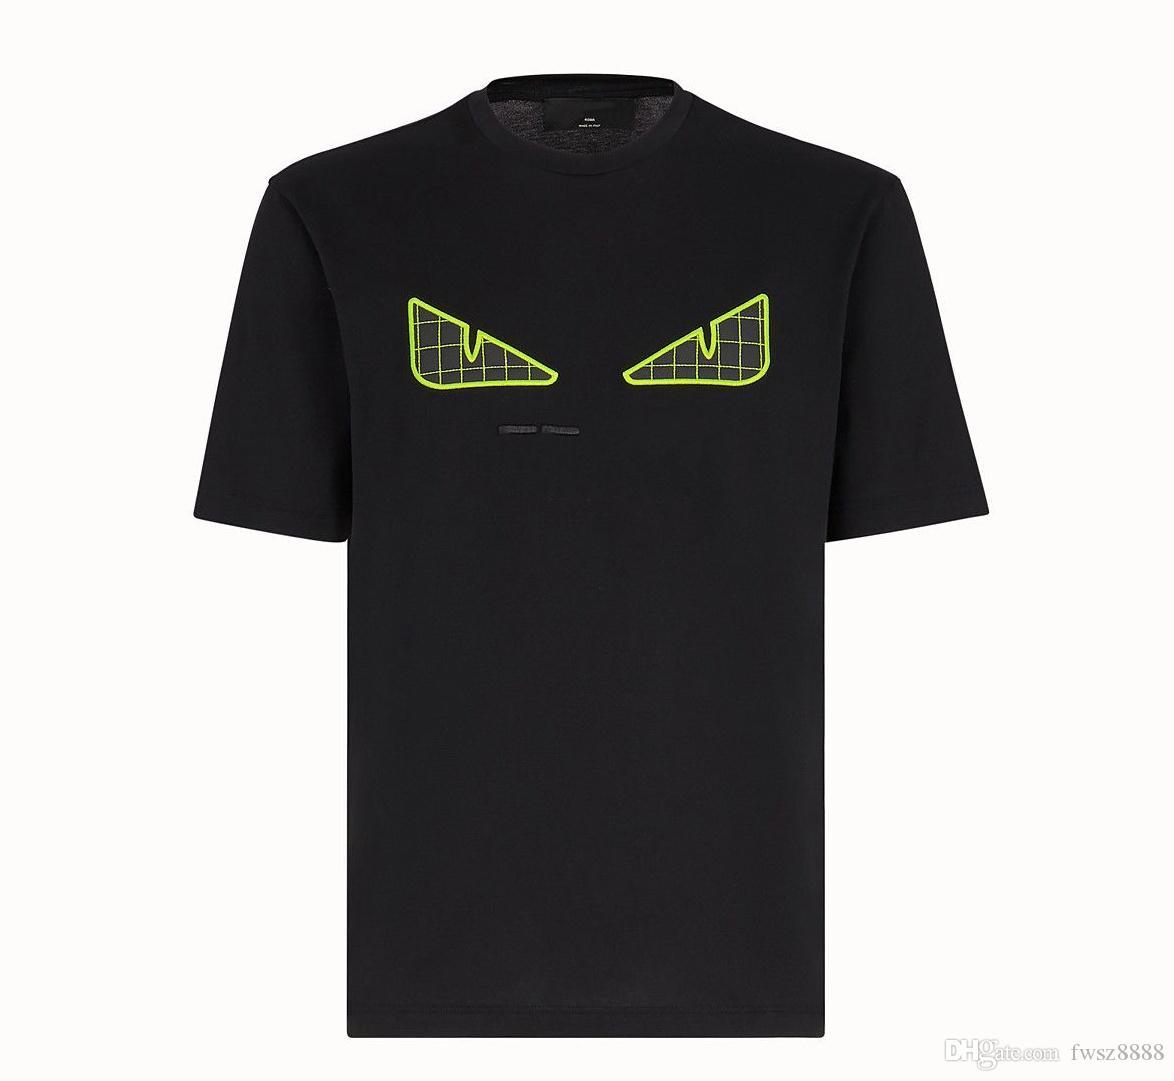 Modello magliette di estate Donne 2020SS nuovo Mens camicia Designer di lusso della moda di Parigi maglietta maschio superiore 100% cotone Top Tee 256.591